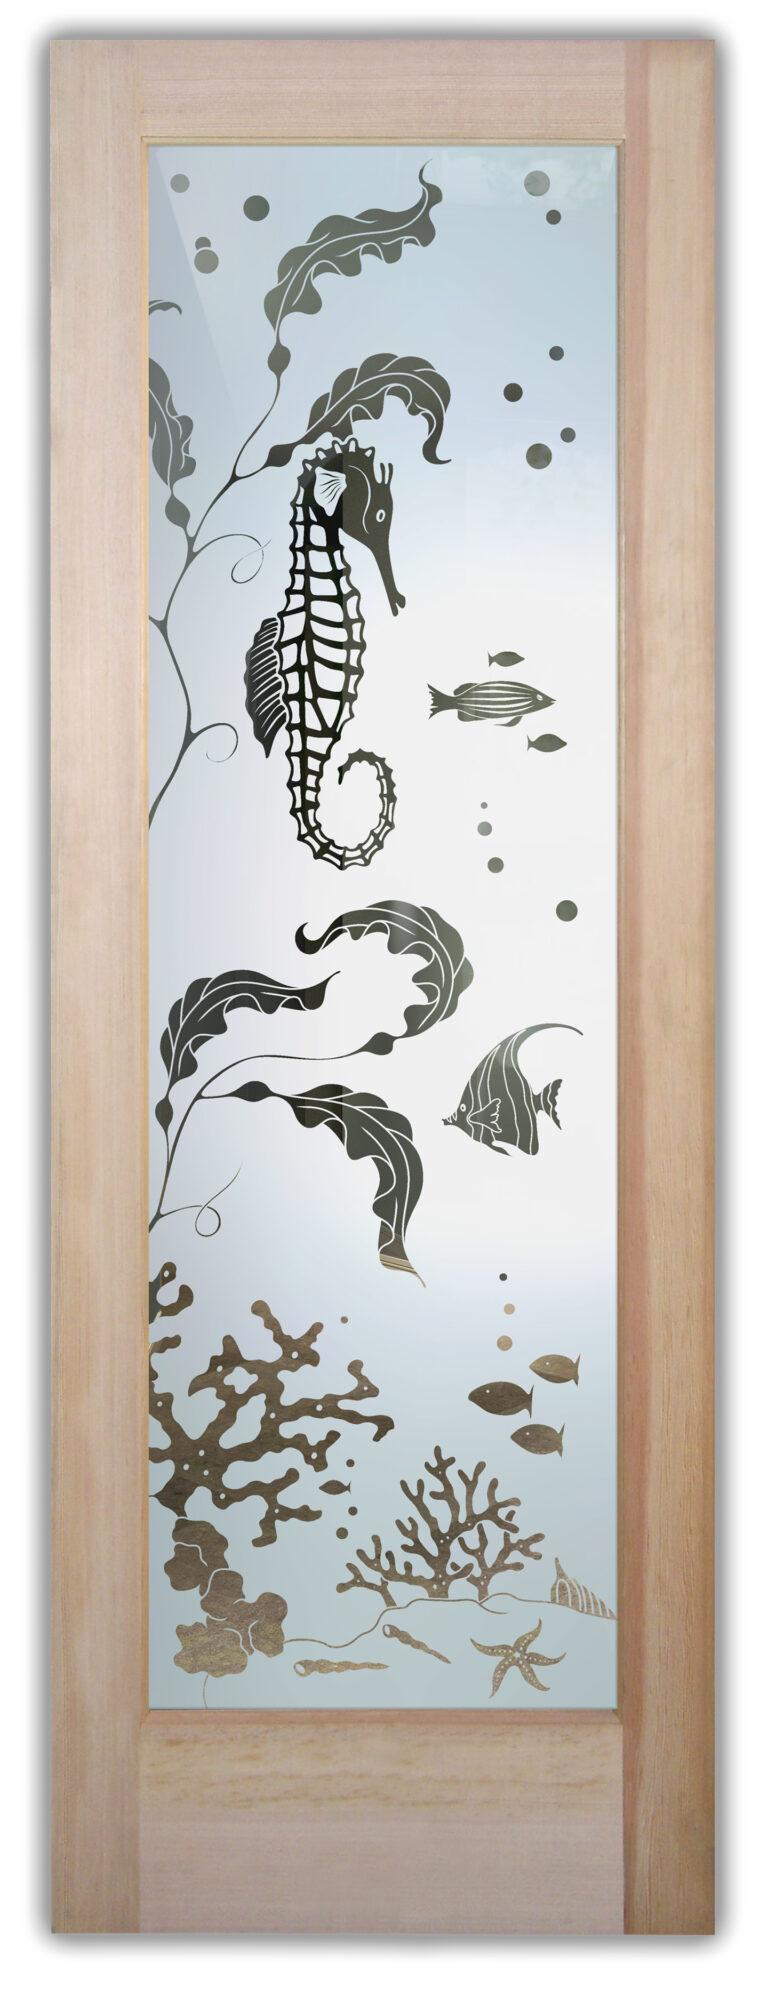 Aquarium Seahorse